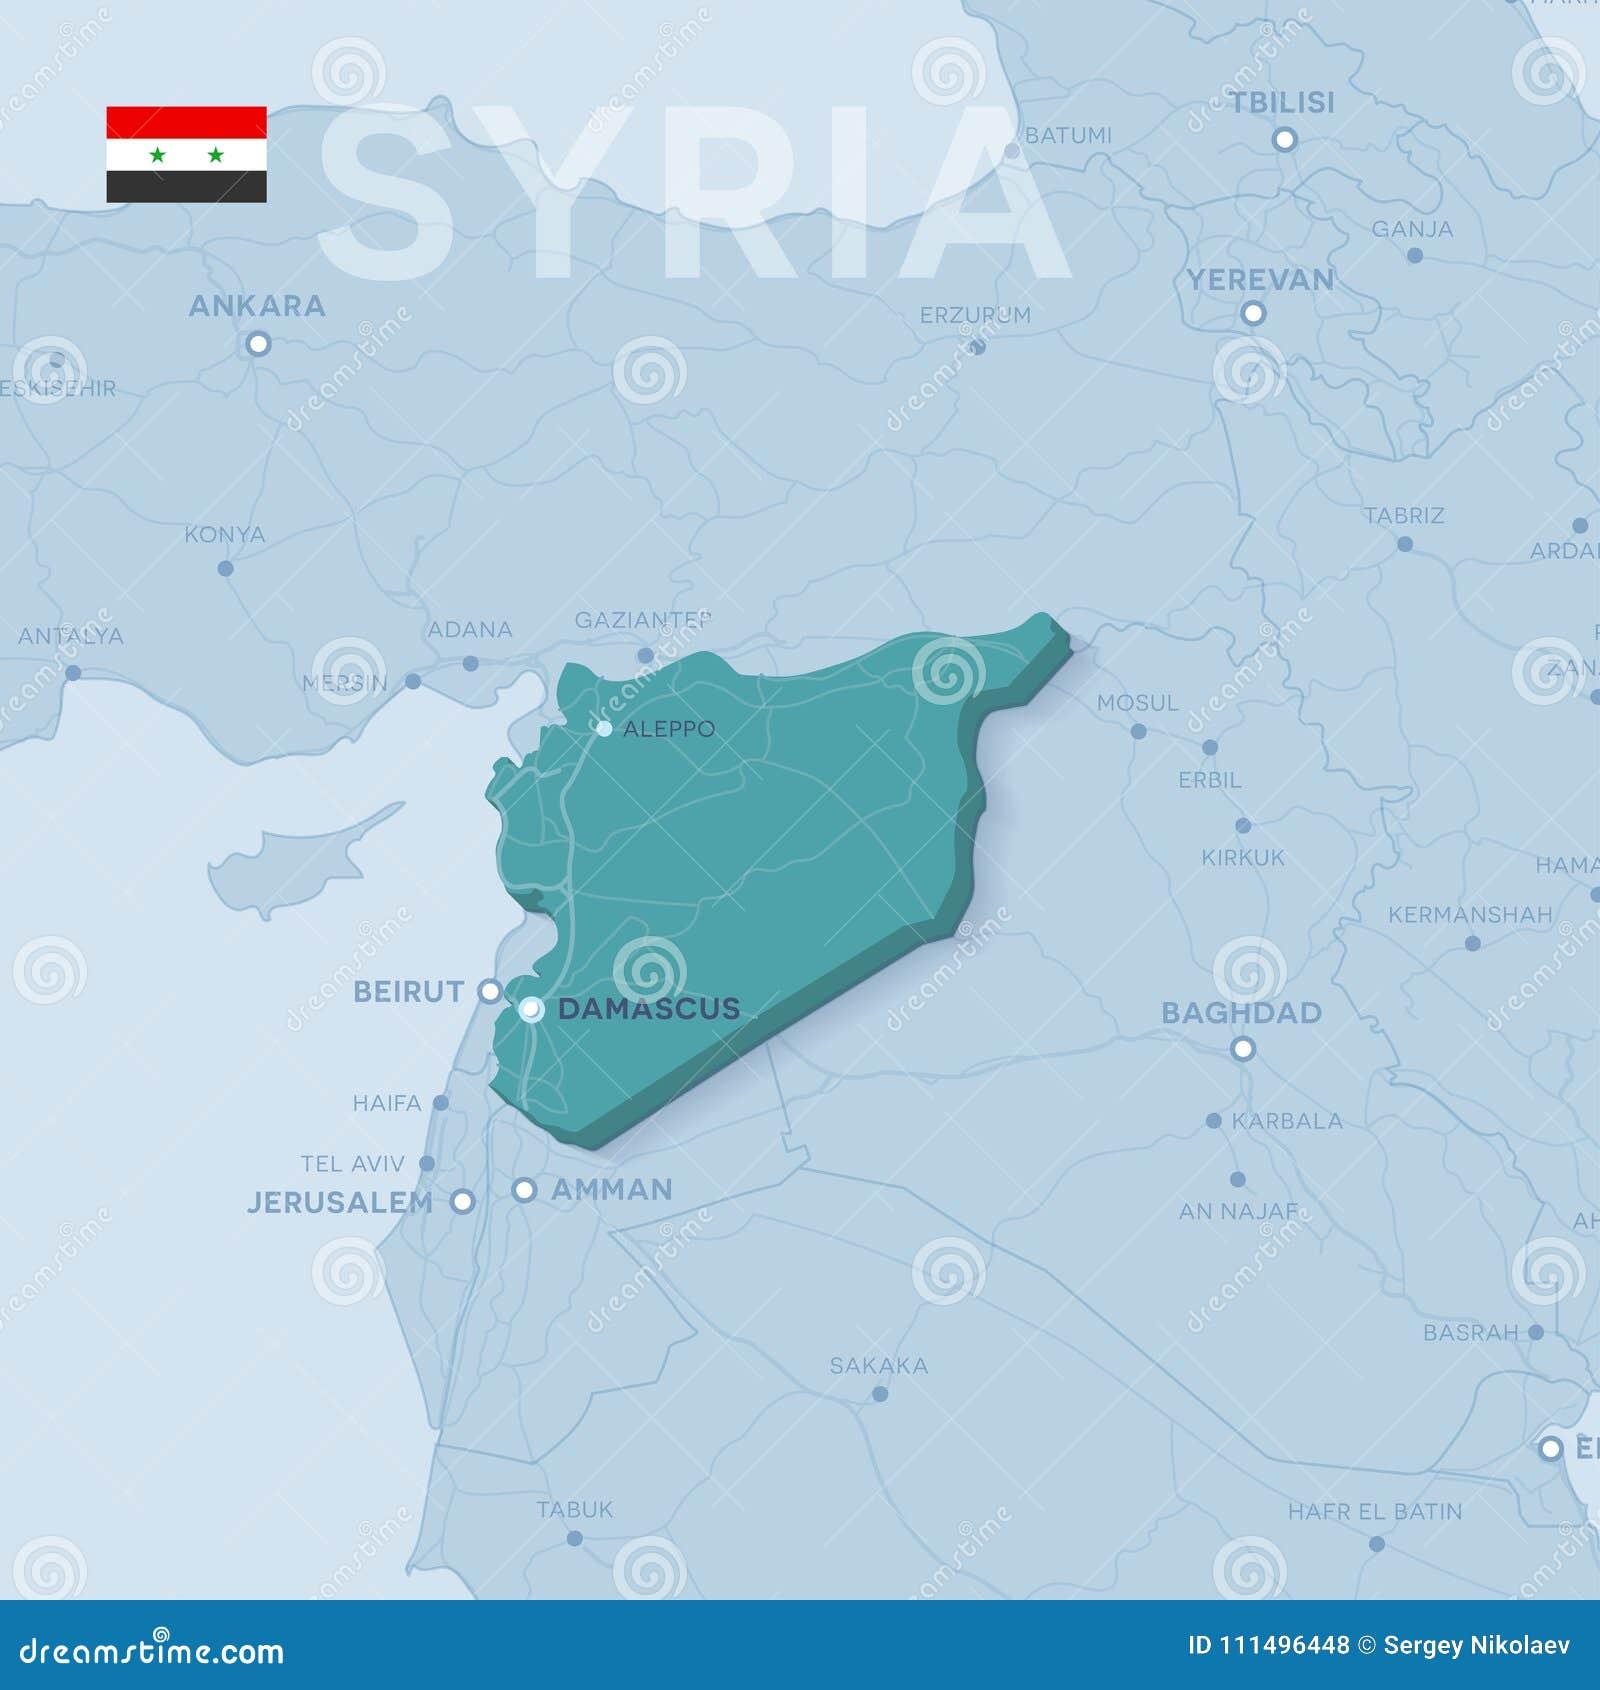 Syrien Karte Mit Städten.Verctor Karte Von Städten Und Von Straßen In Syrien Vektor Abbildung